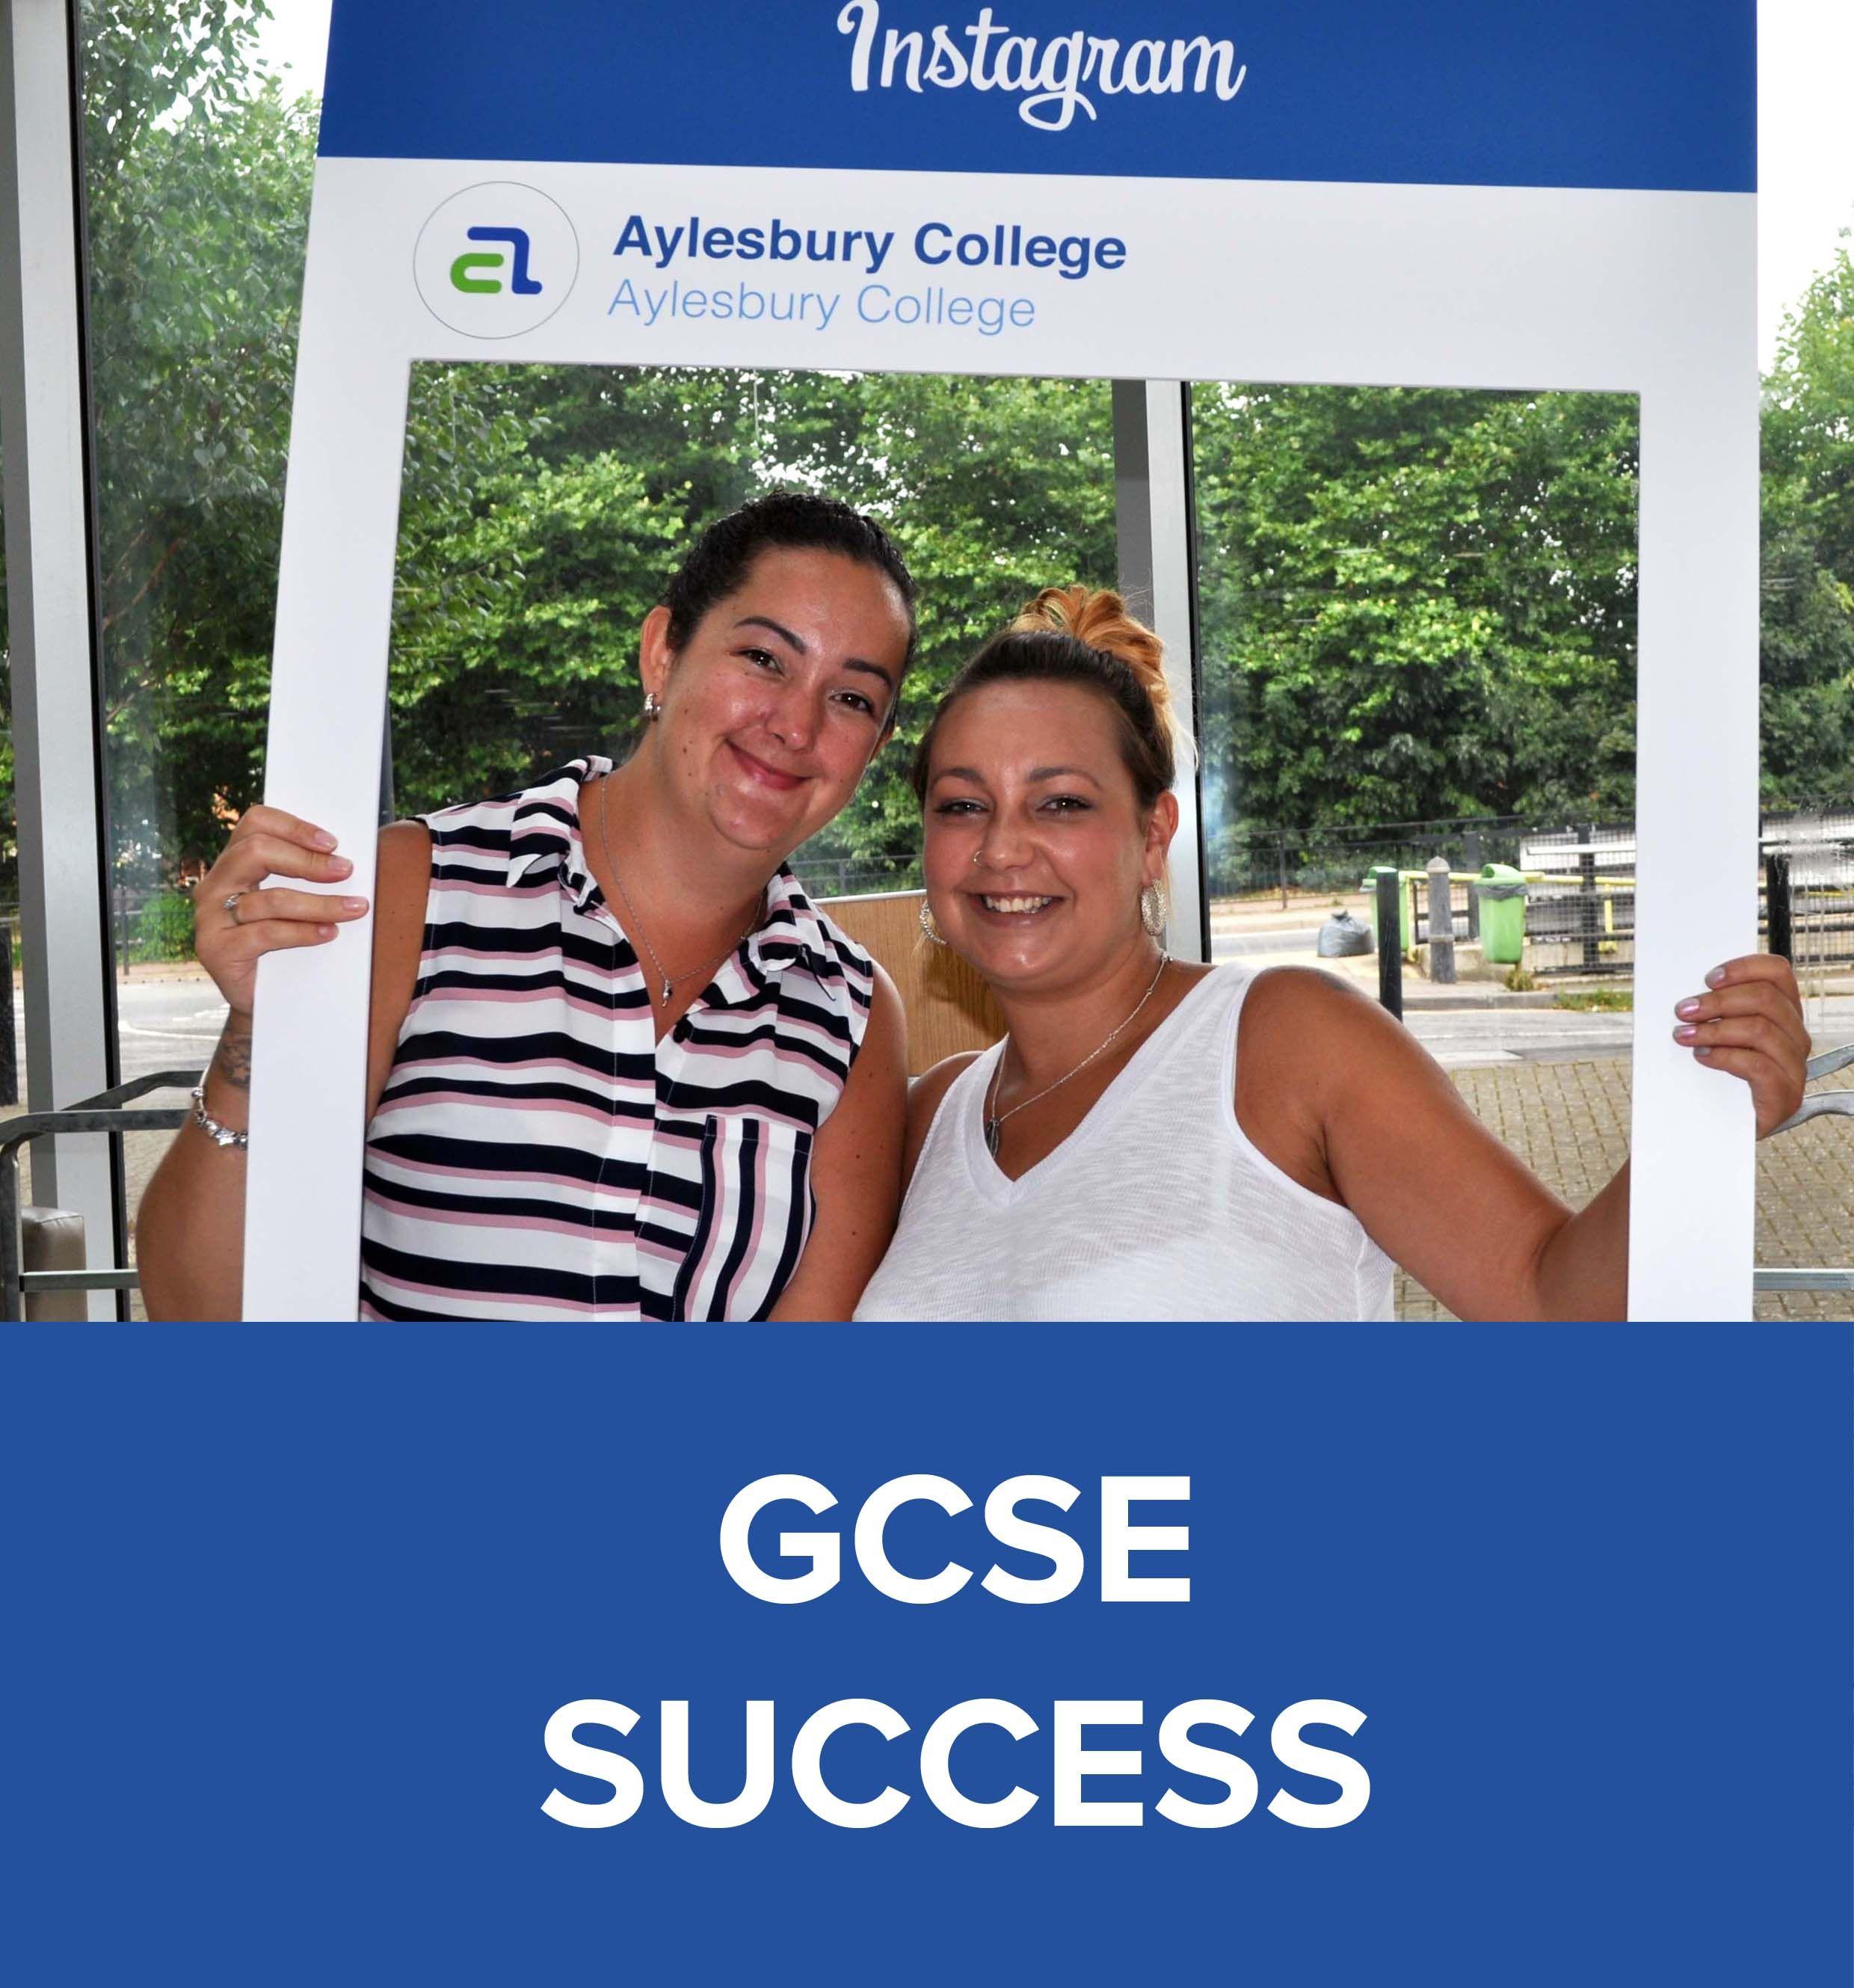 More wonderful GCSE success stories!